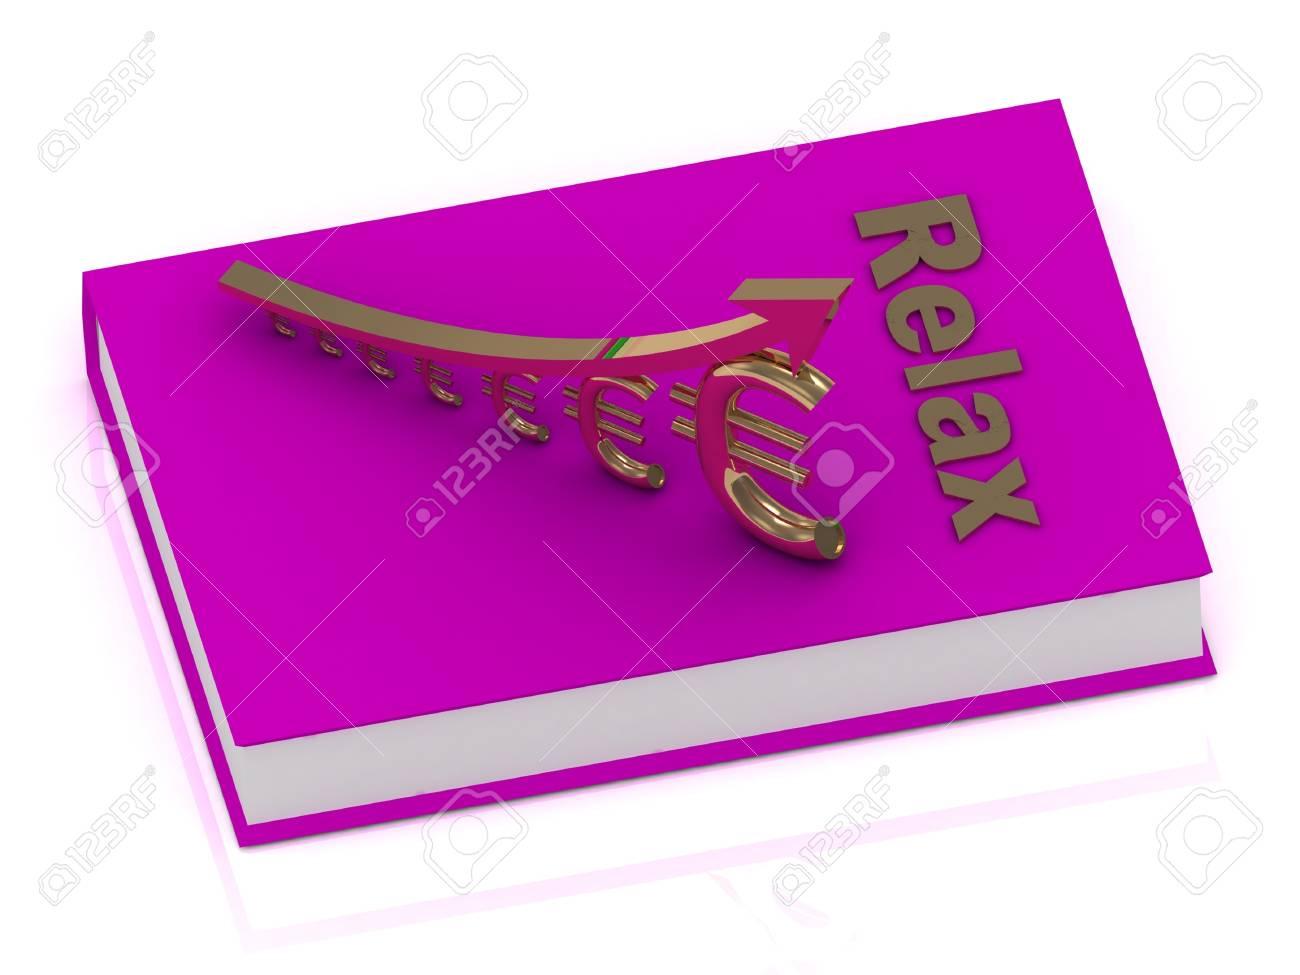 Livre Epais De La Couverture Rose Avec Inscription Detendez Vous Et Statuette Croissante Euro Or Avec De L Or Fleche